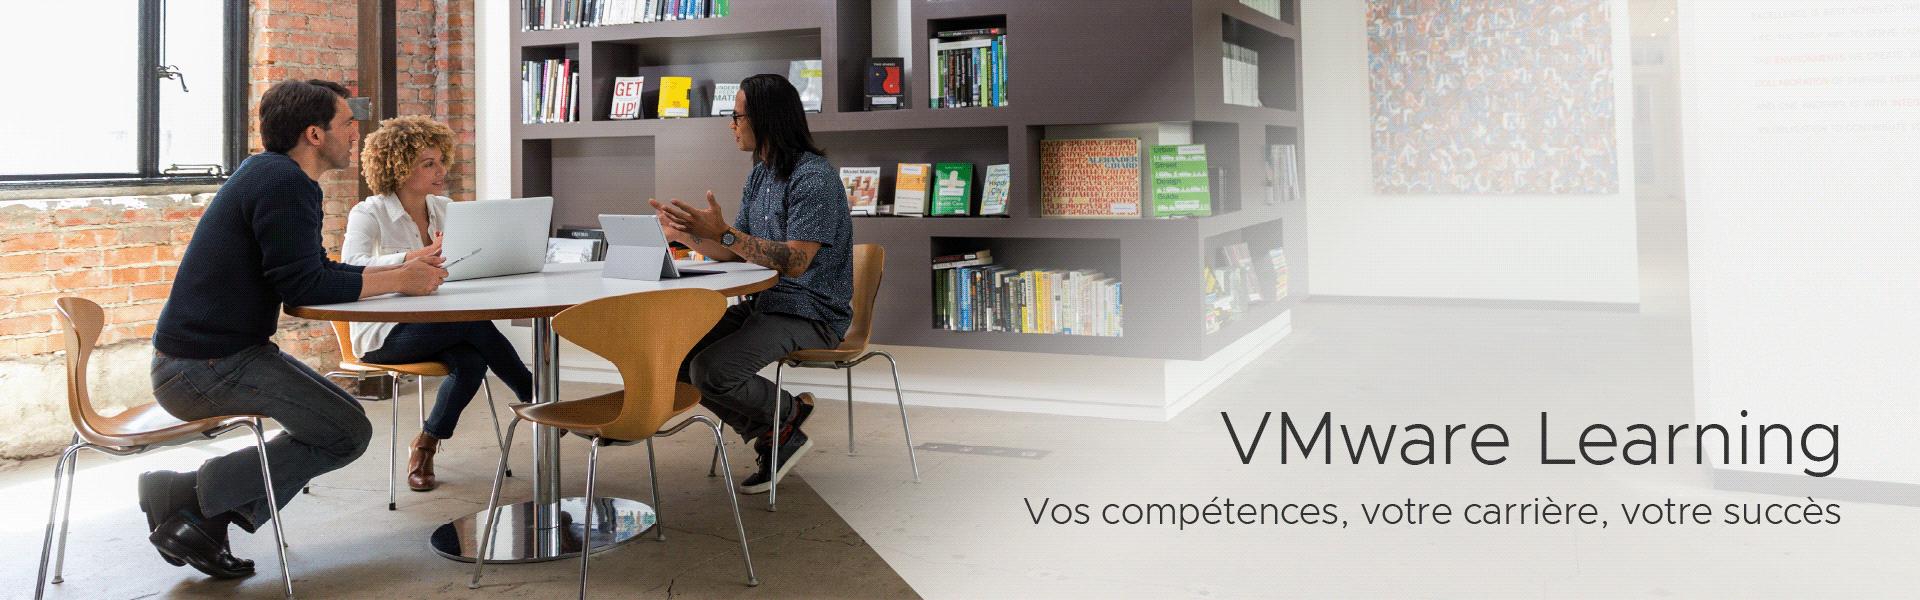 VMware Learning. Élaborez vos connaissances et votre expertise